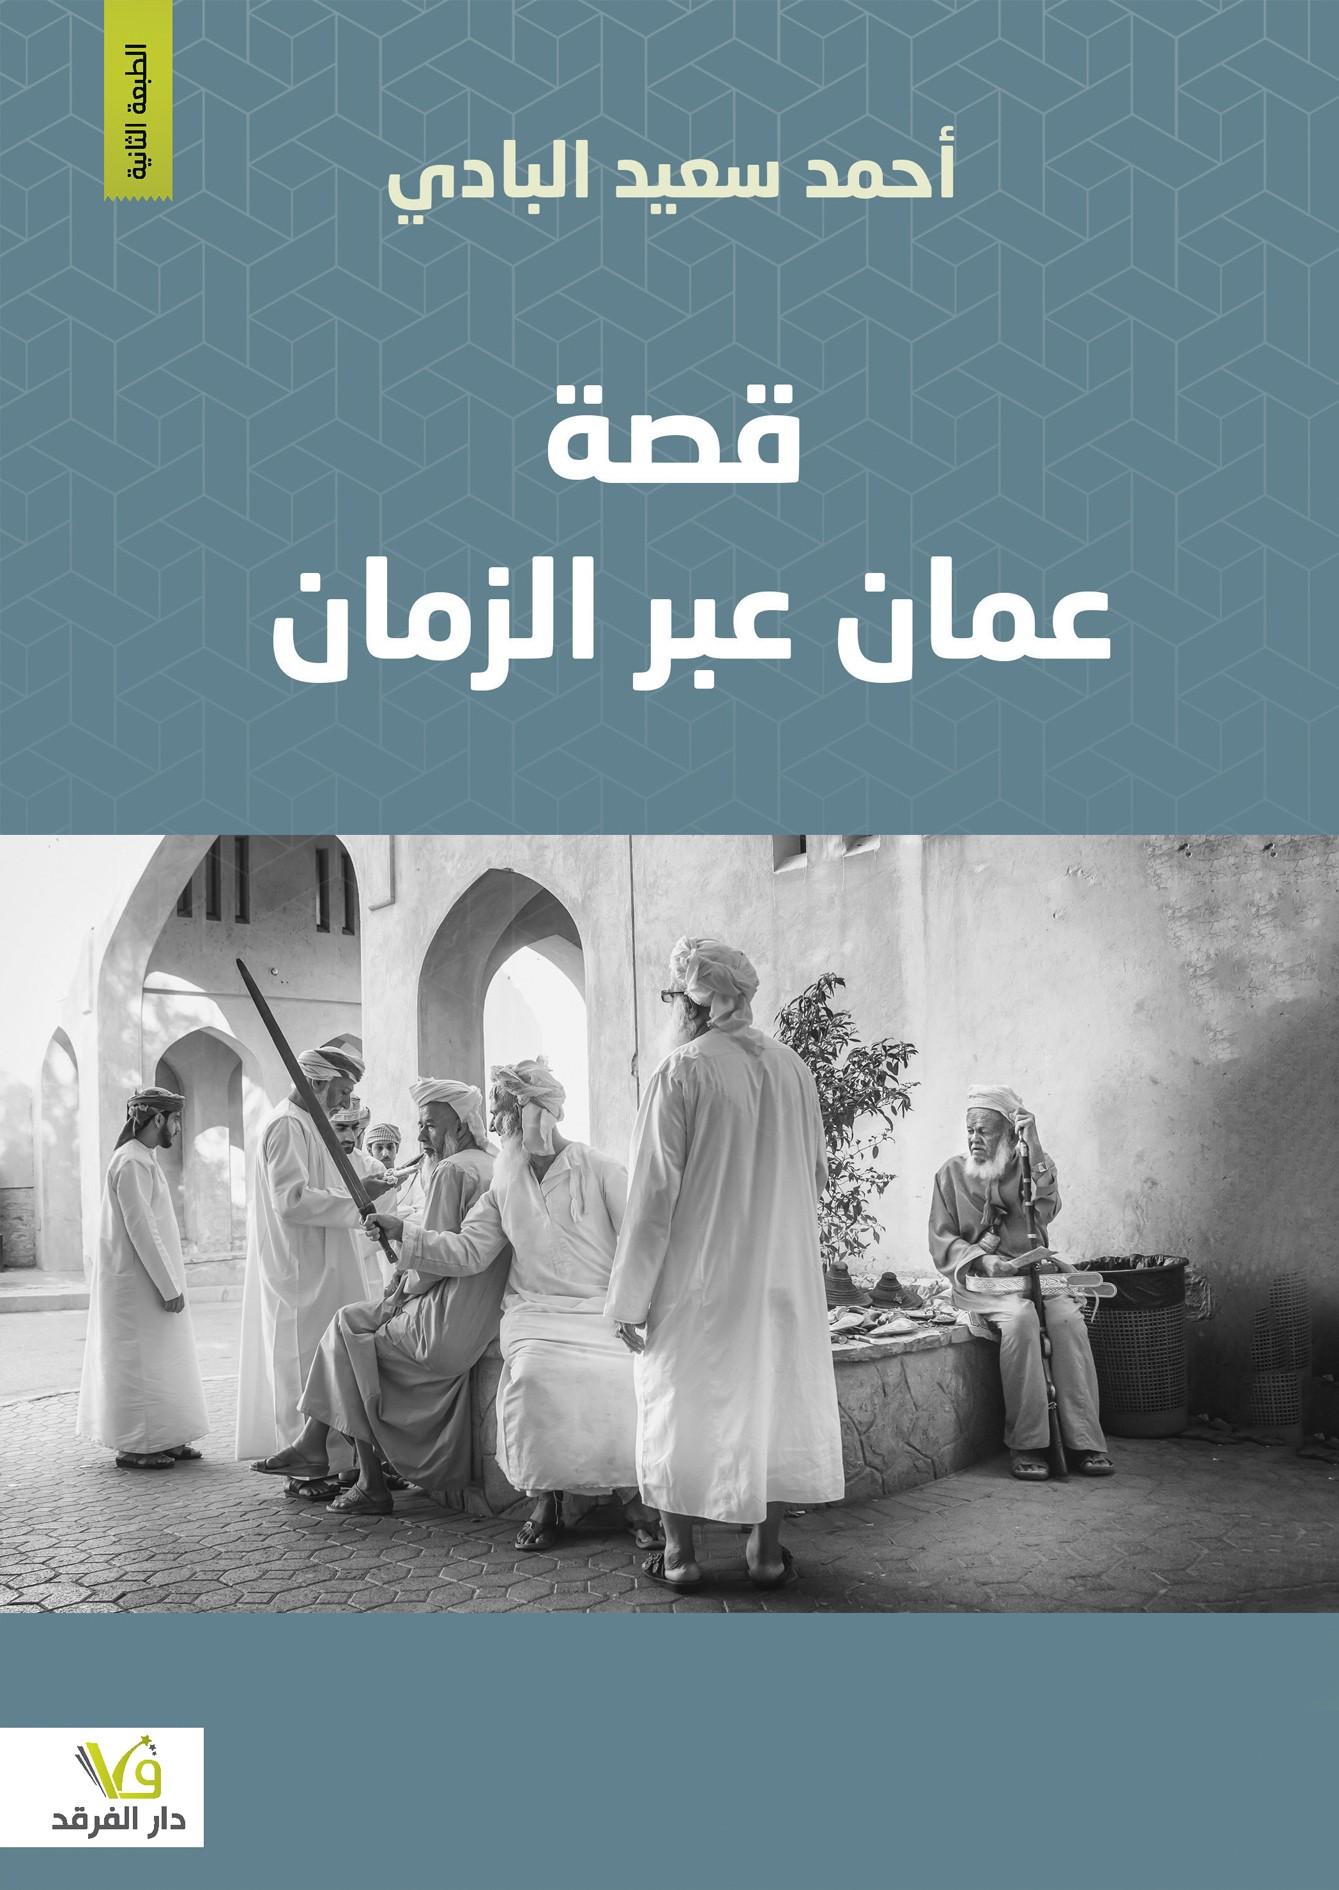 قصة عمان عبر الزمان